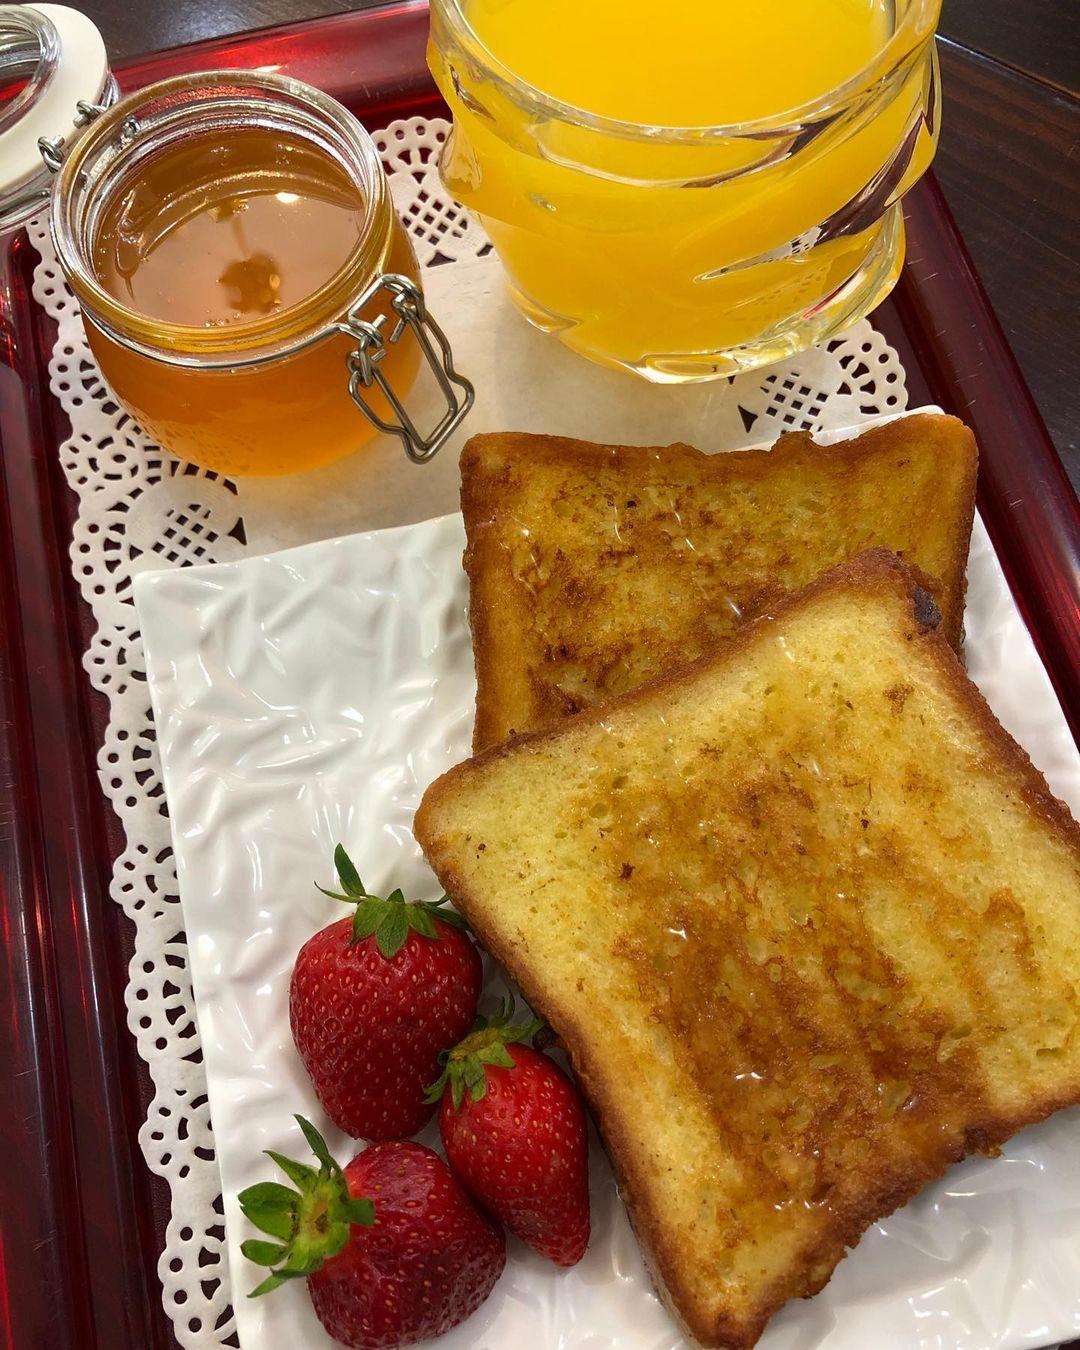 طرز تهیه فرنچ تست ساده فرانسوی خوشمزه برای صبحانه و عصرانه